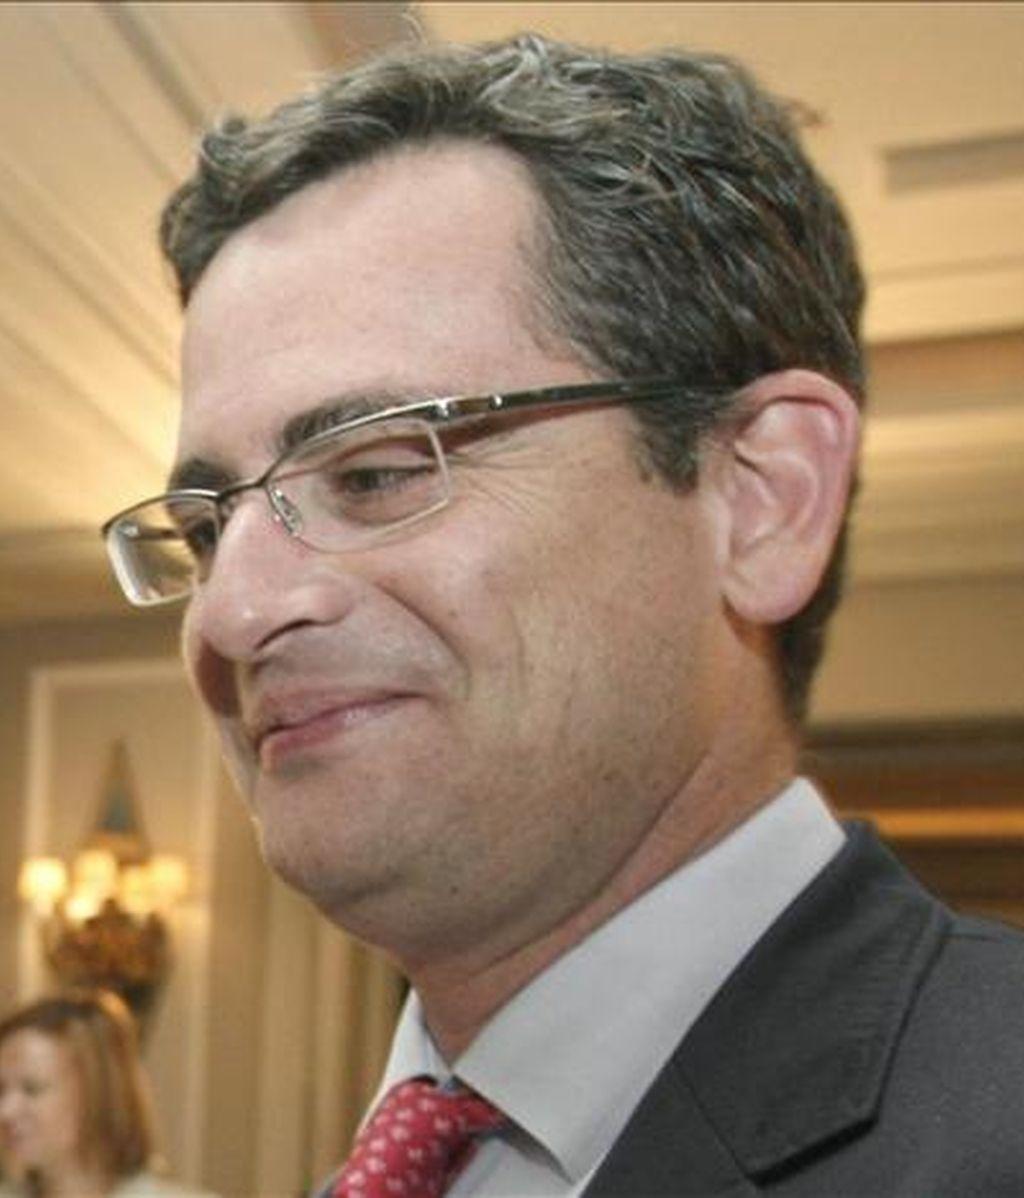 El PP respeta la opinión particular de Basagoiti. Video: Informativos Telecinco.